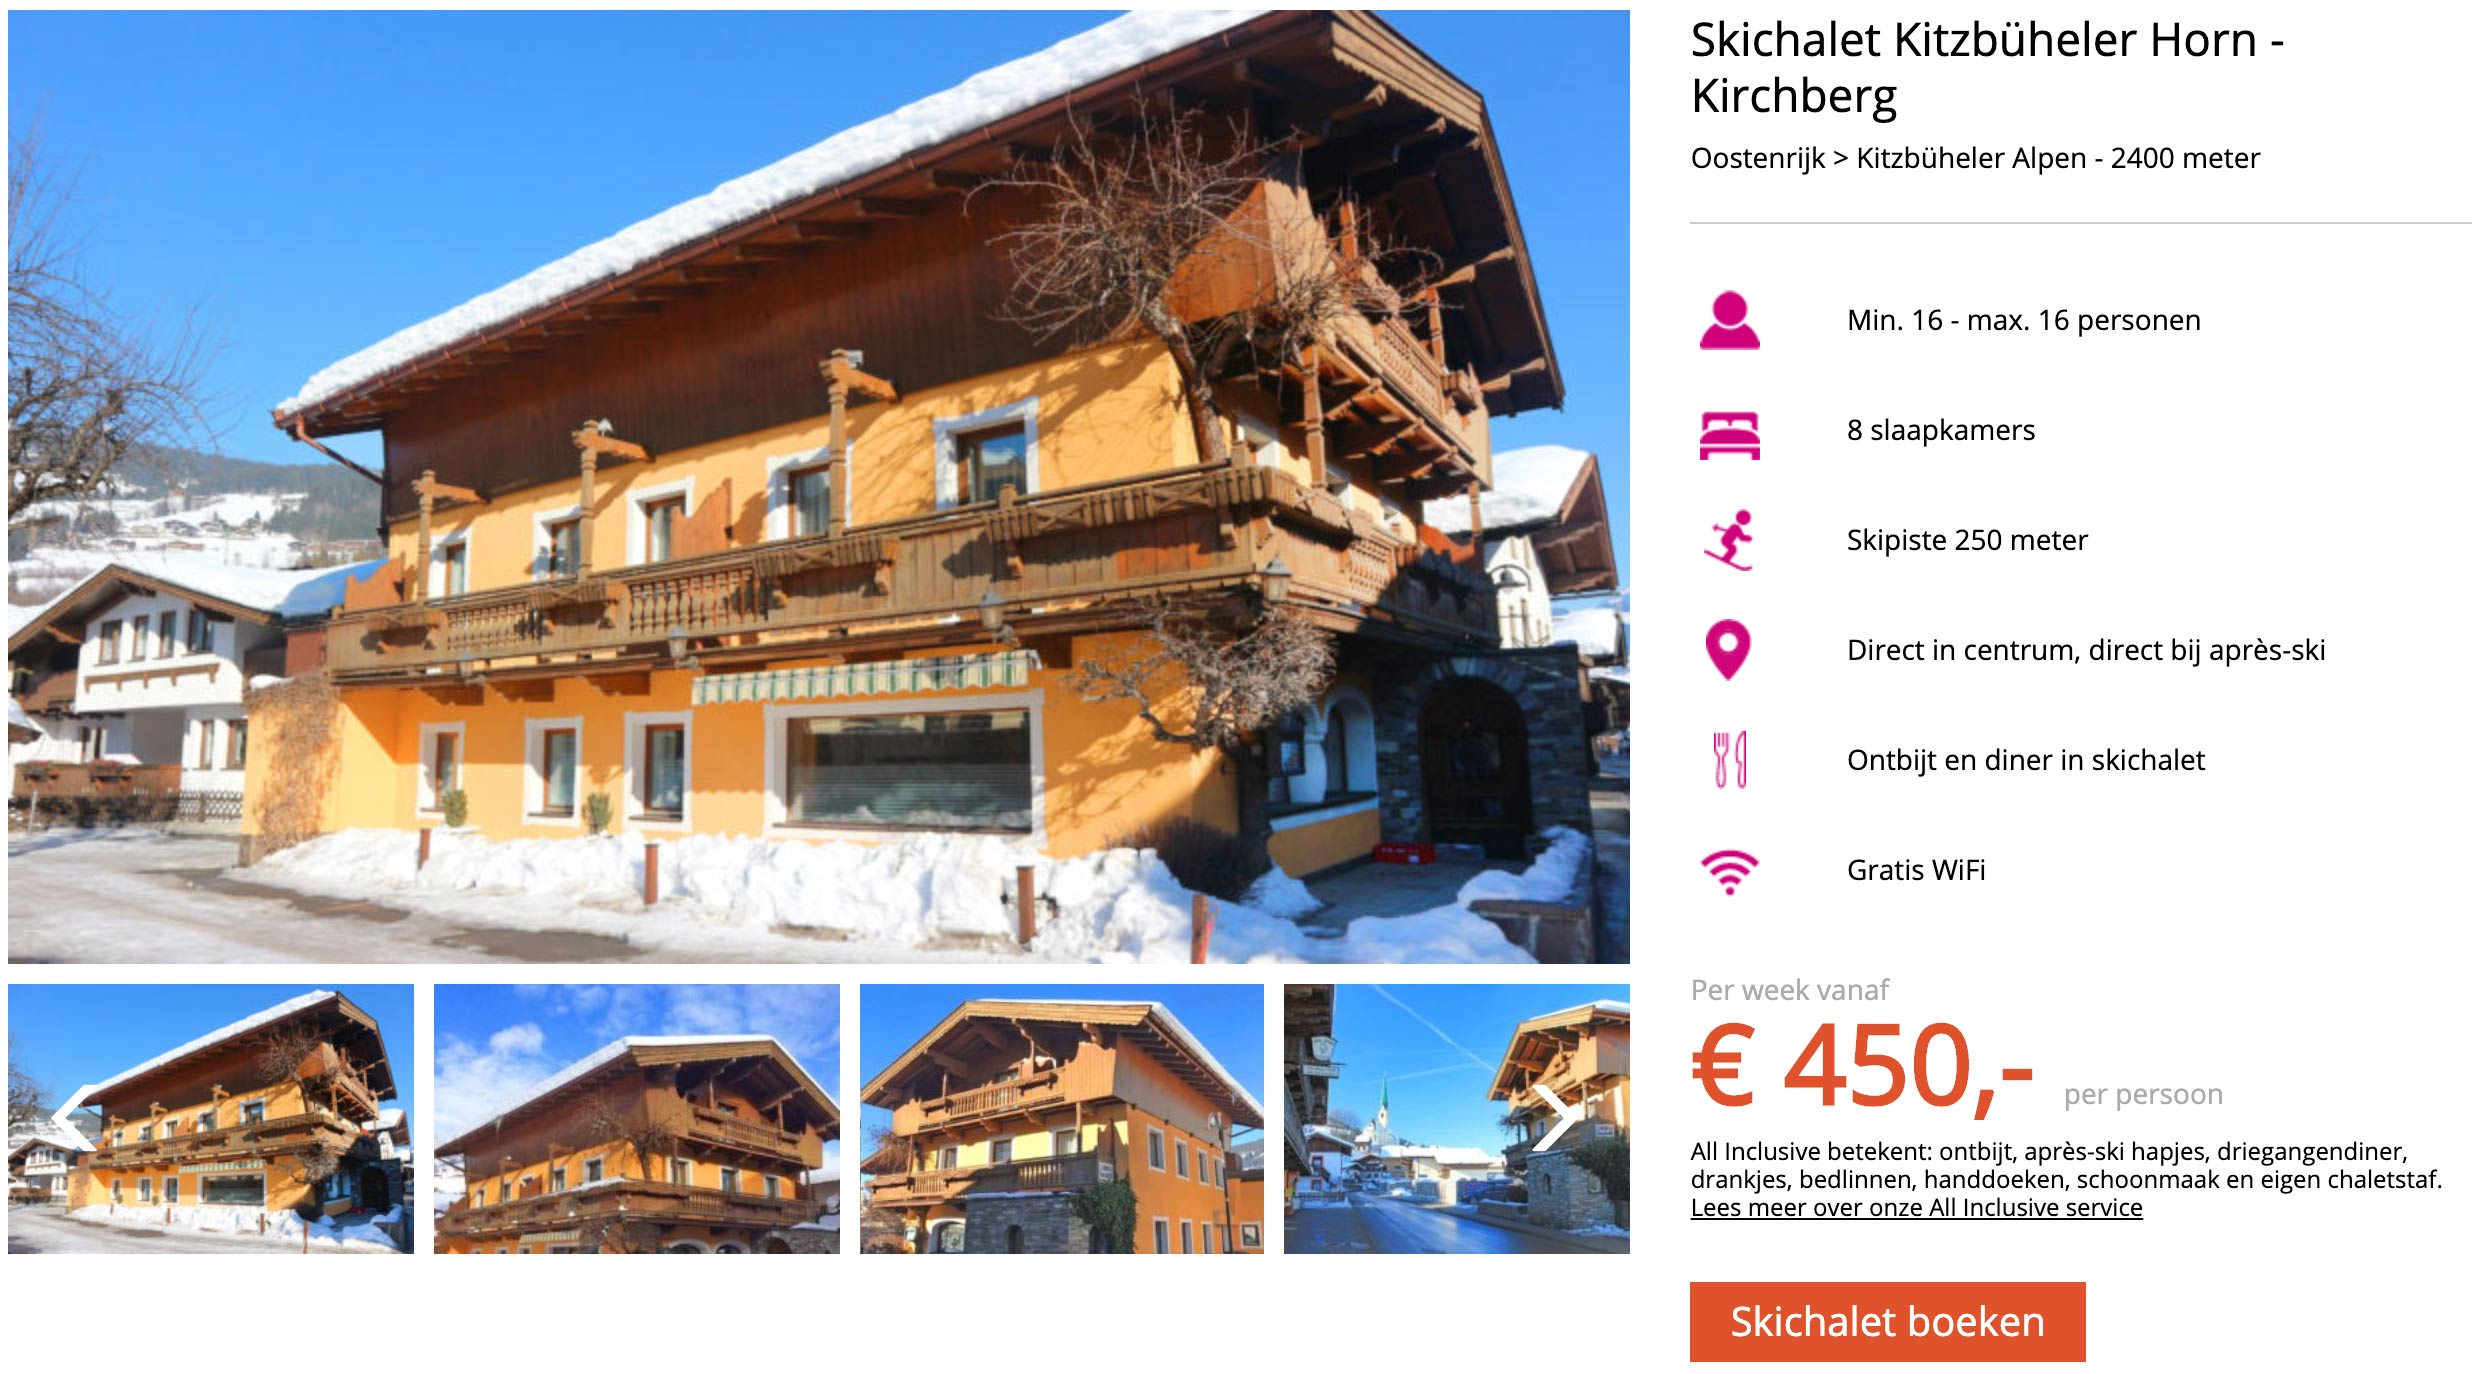 Chalet Kitzbüheler Horn in Kitzbühel